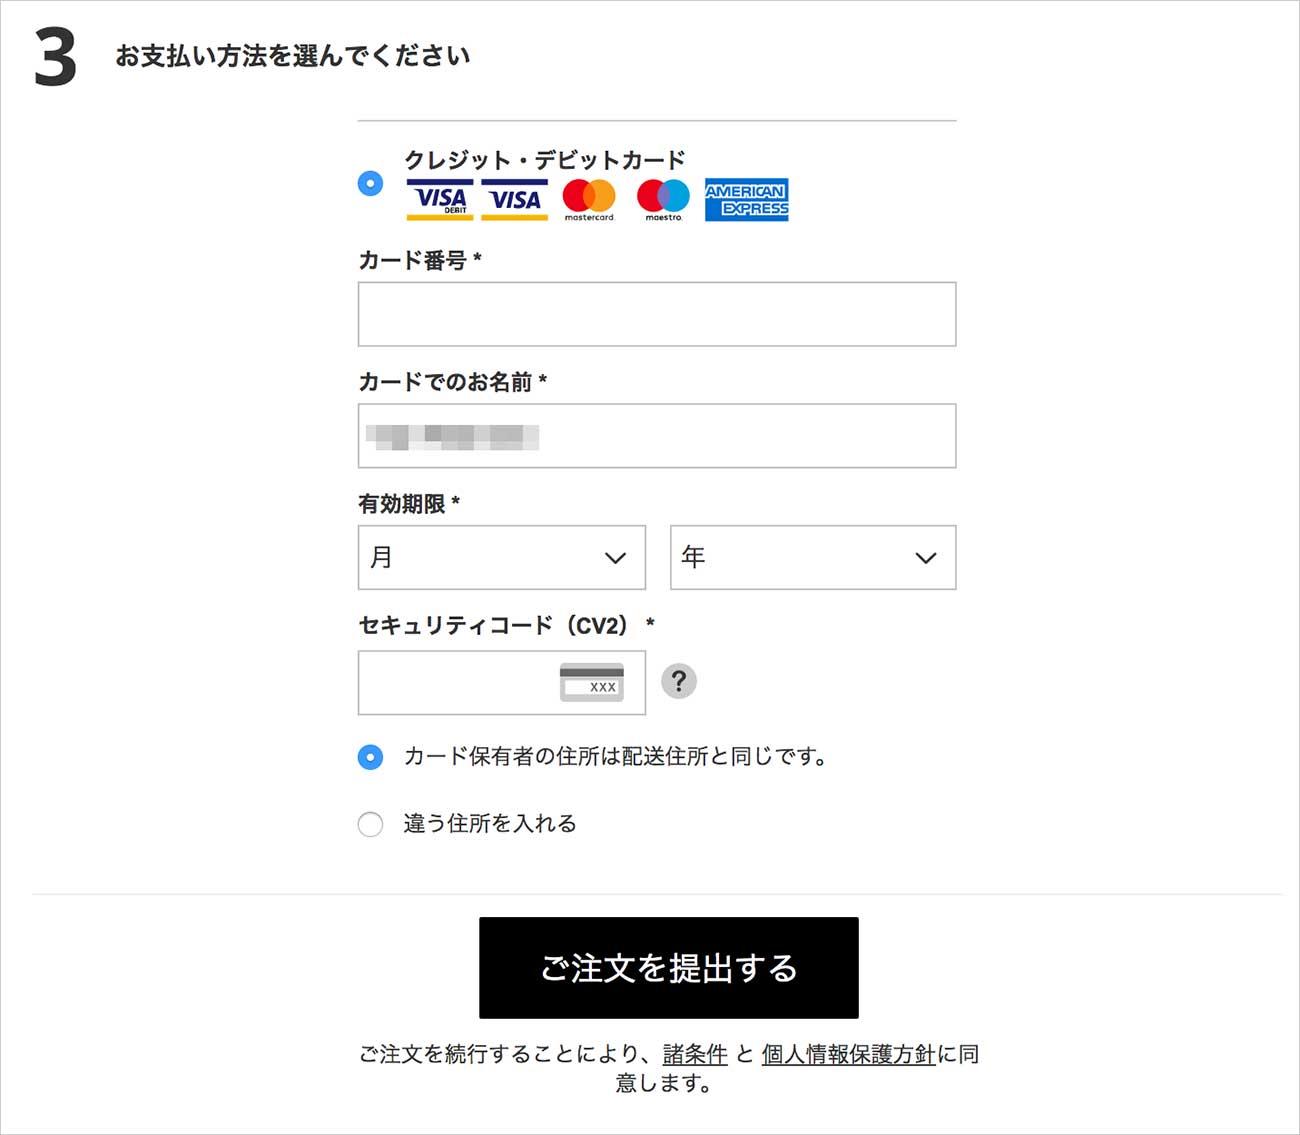 probikekitの支払い方法